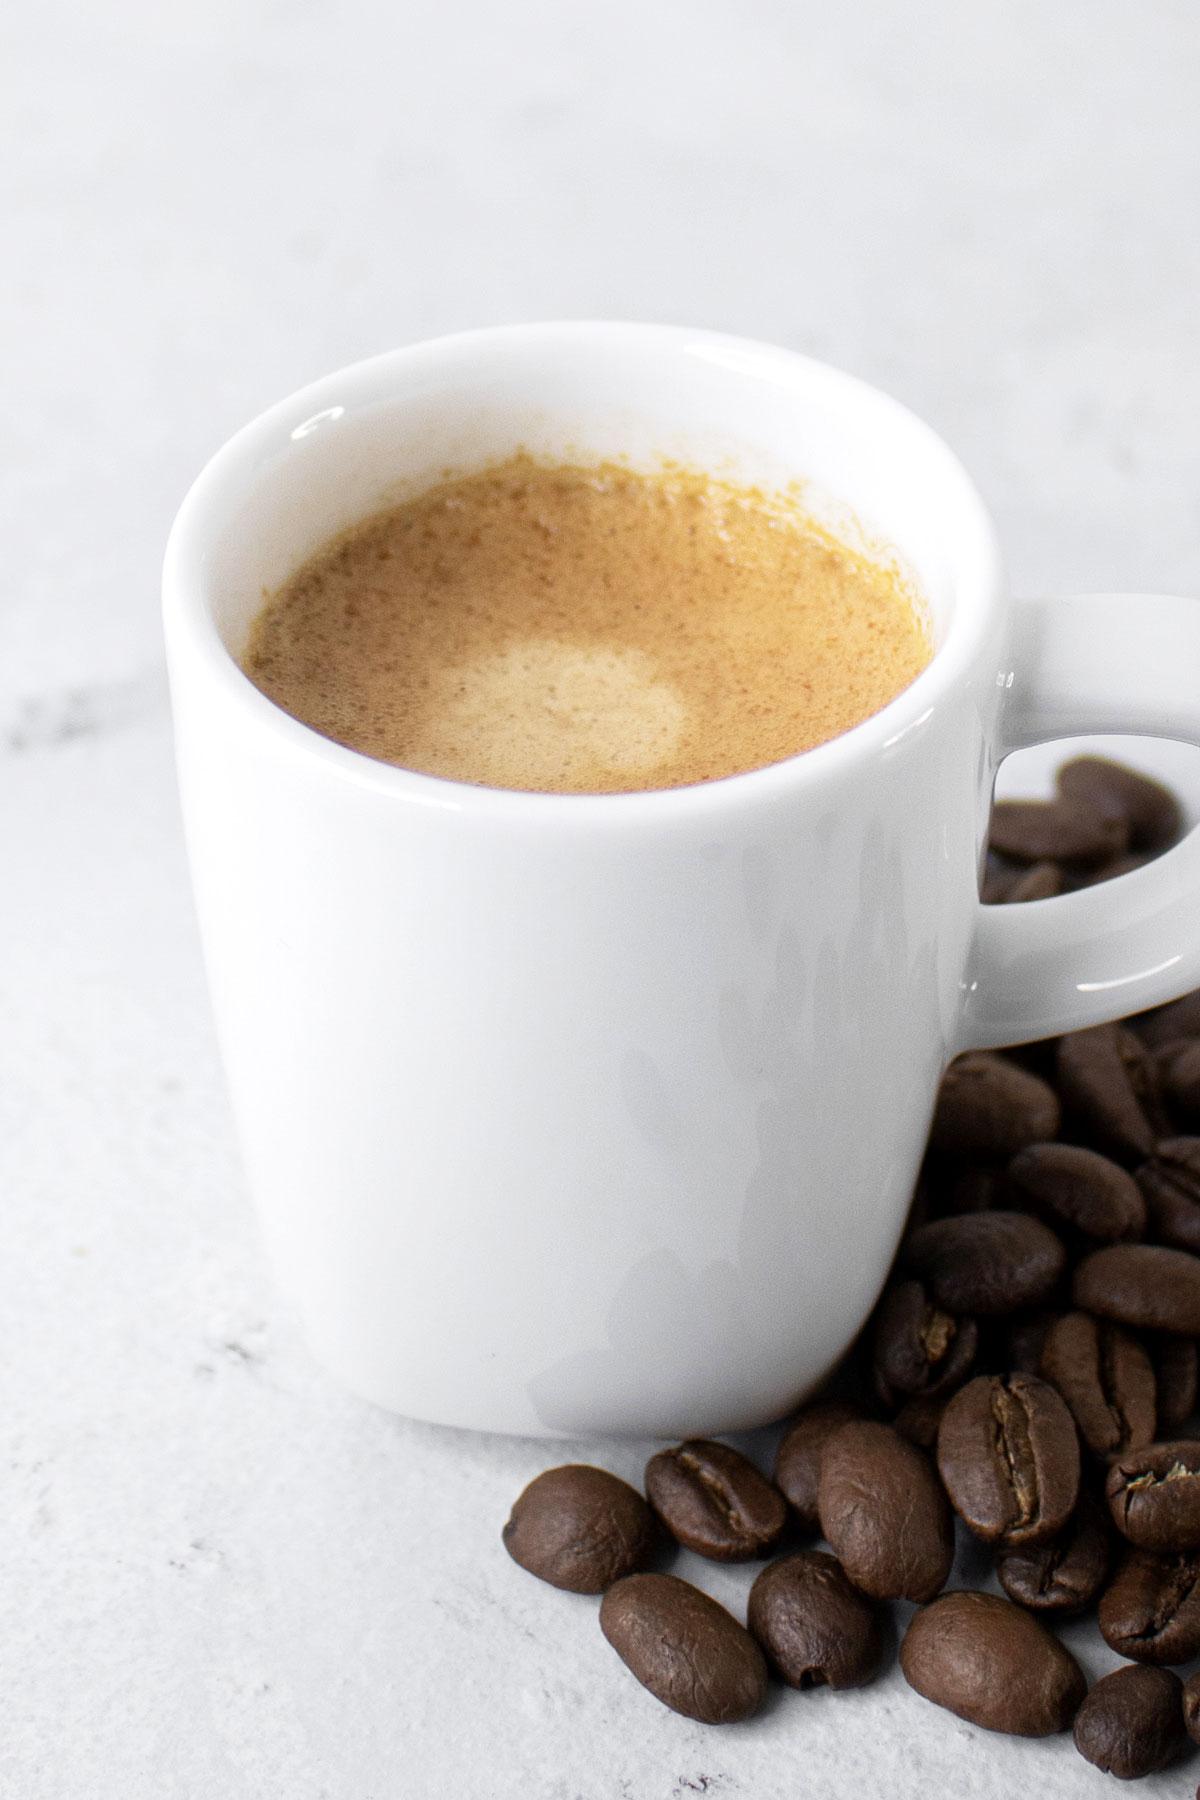 Espresso coffee in a small white mug.